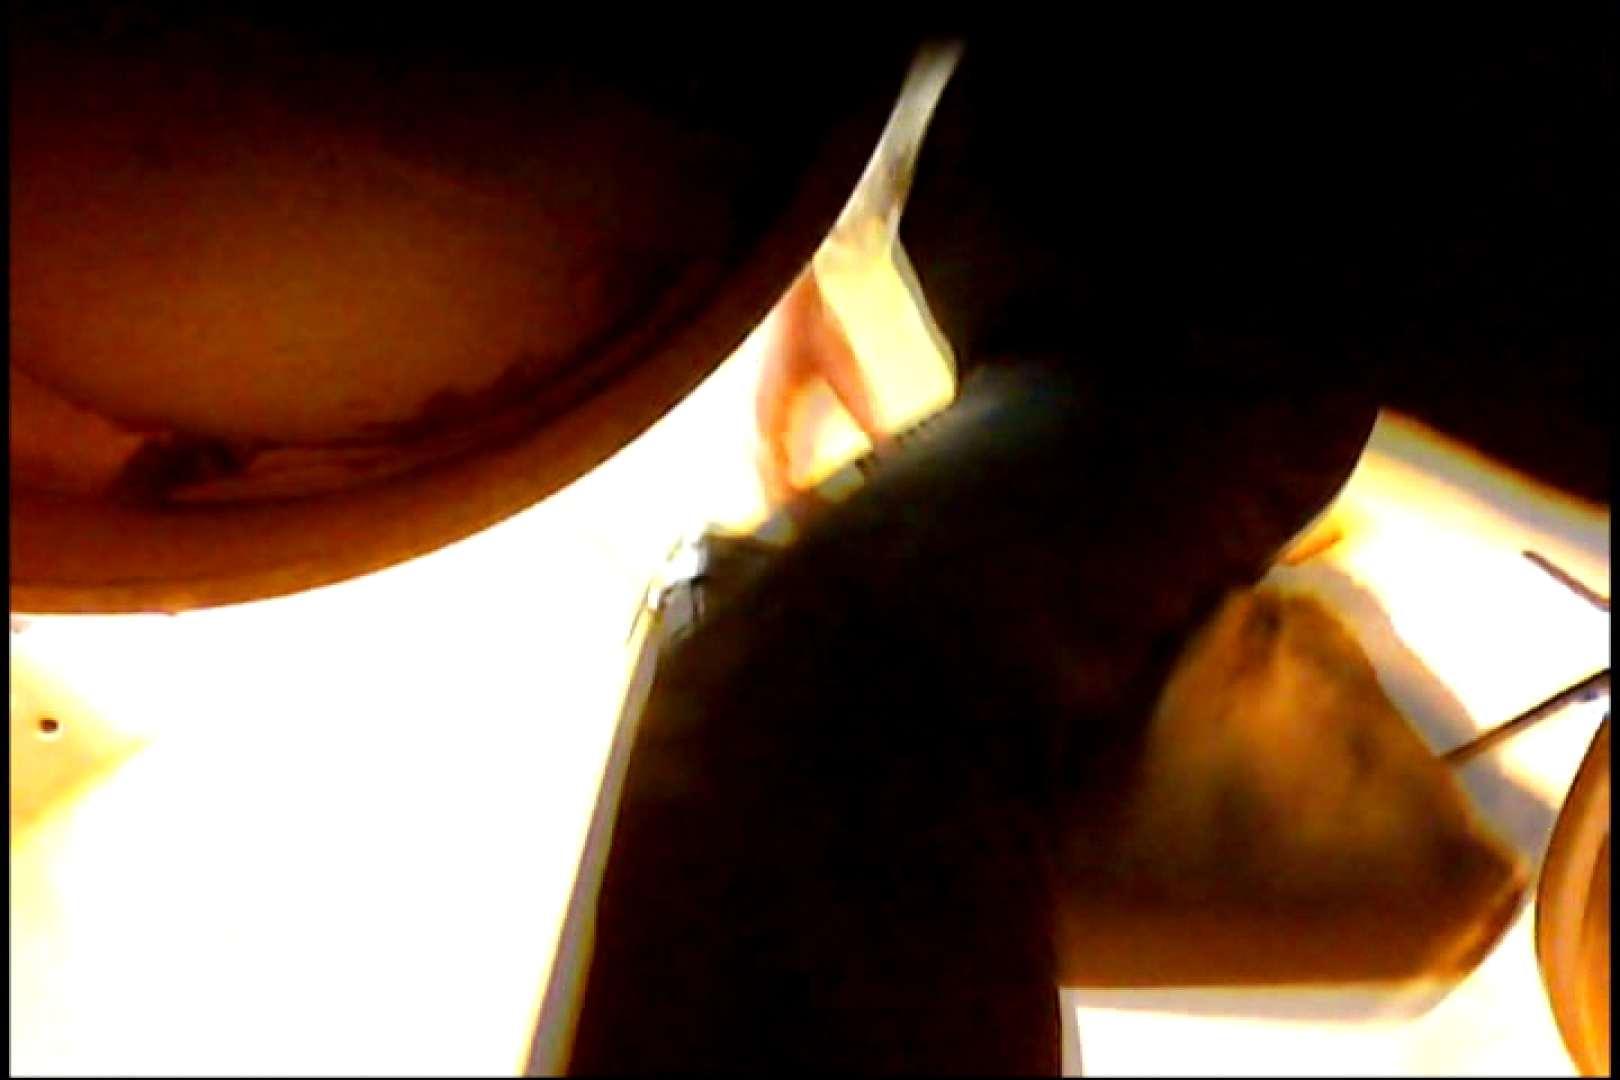 画質向上!新亀さん厠 vol.36 黄金水 オマンコ無修正動画無料 94PIX 79